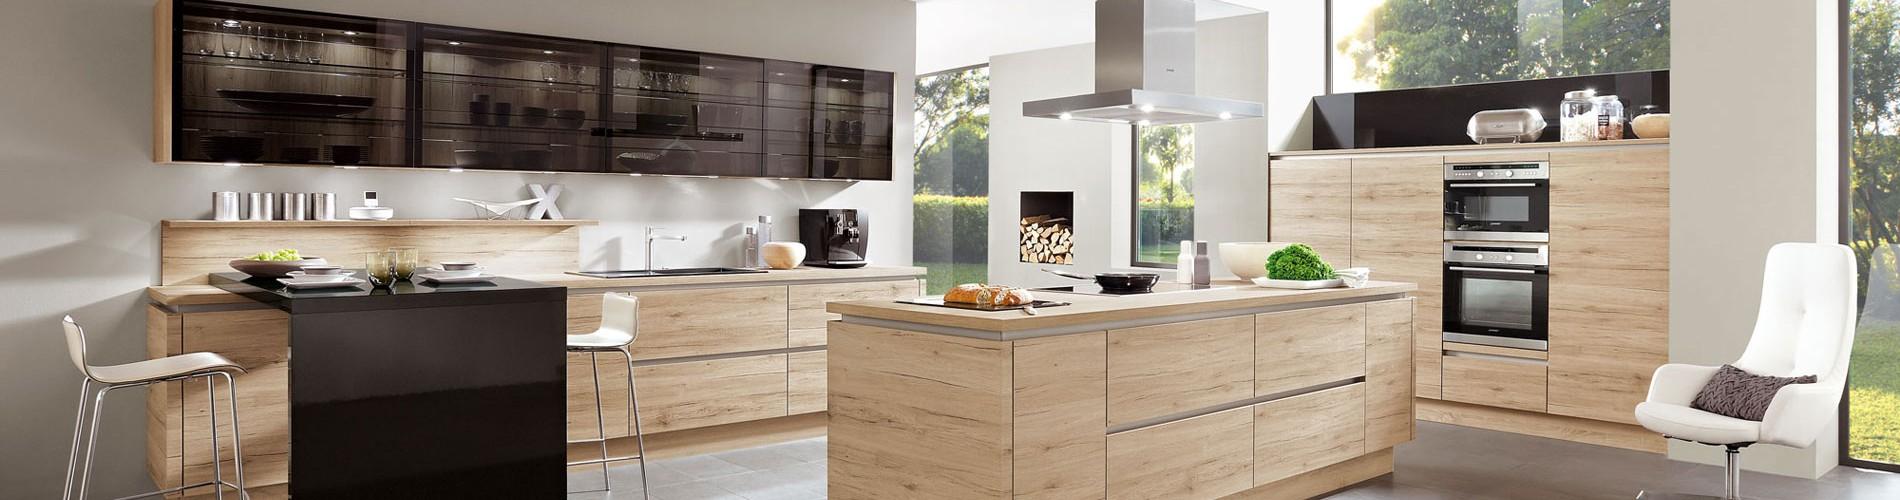 Zahlreiche Küchen-Fronten und Küchen-Designs für jeden Geschmack und Anspruch